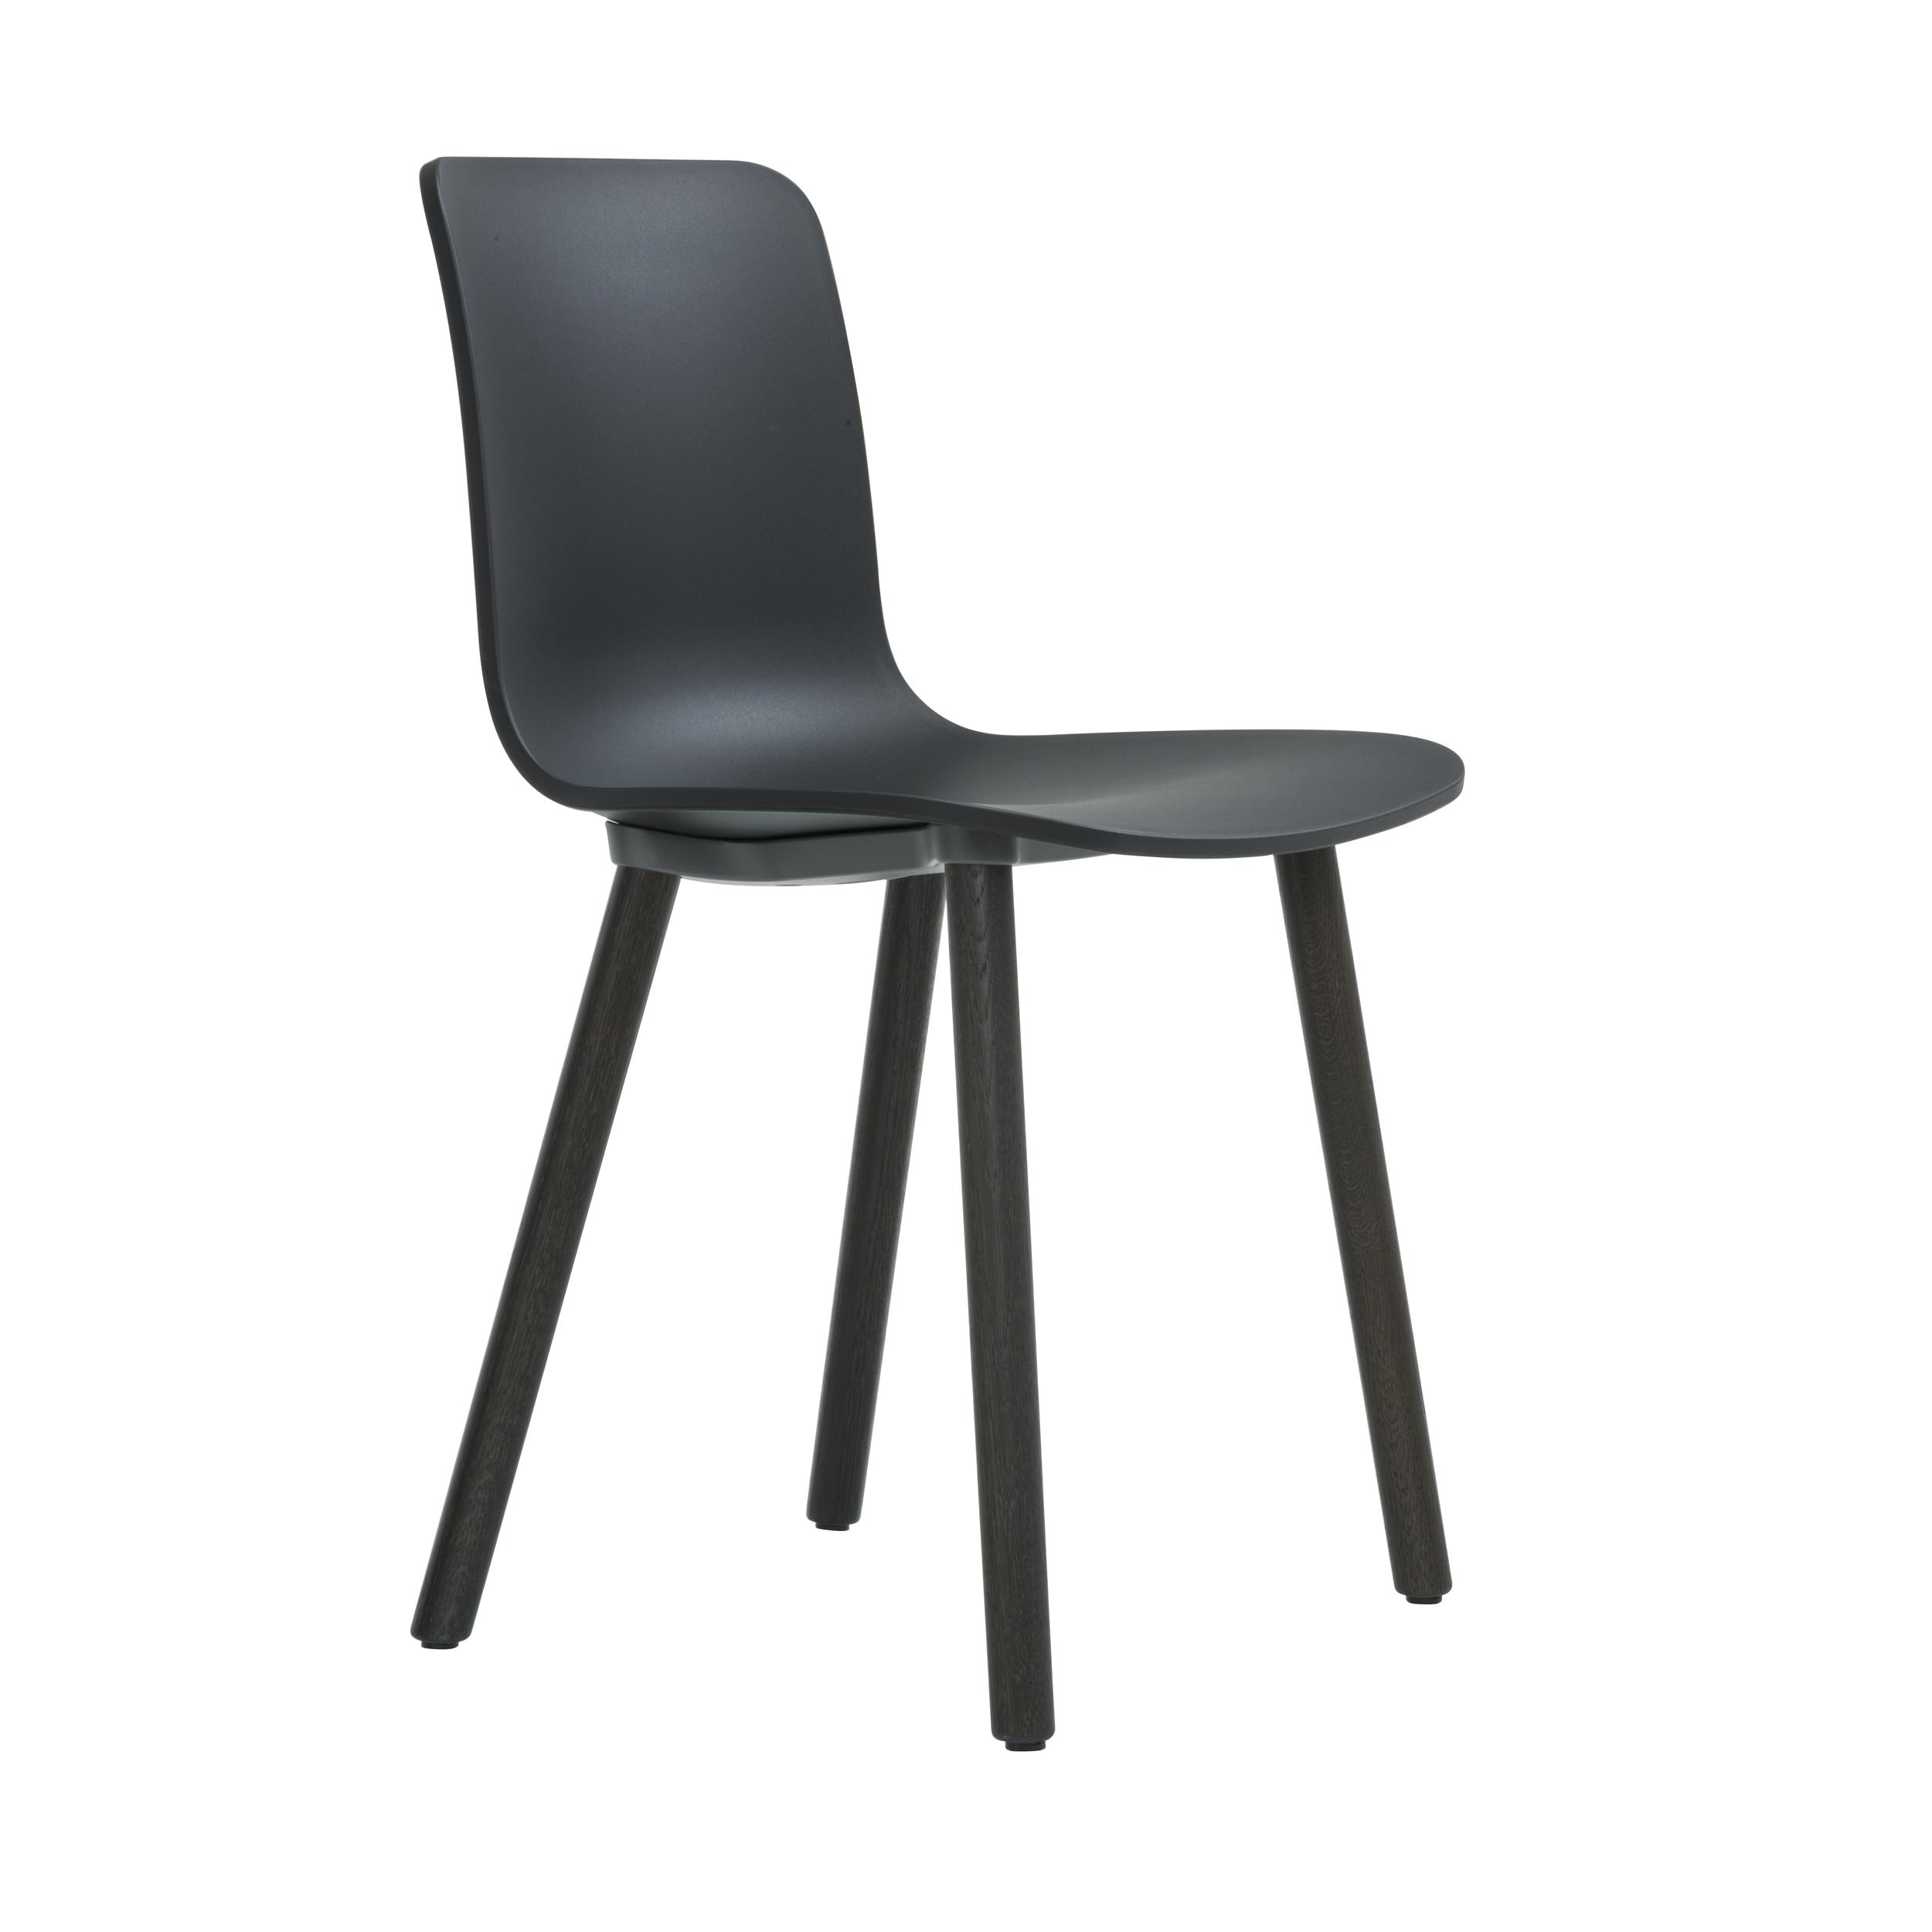 HAL Wood Stuhl mit Kunststoffgleitern